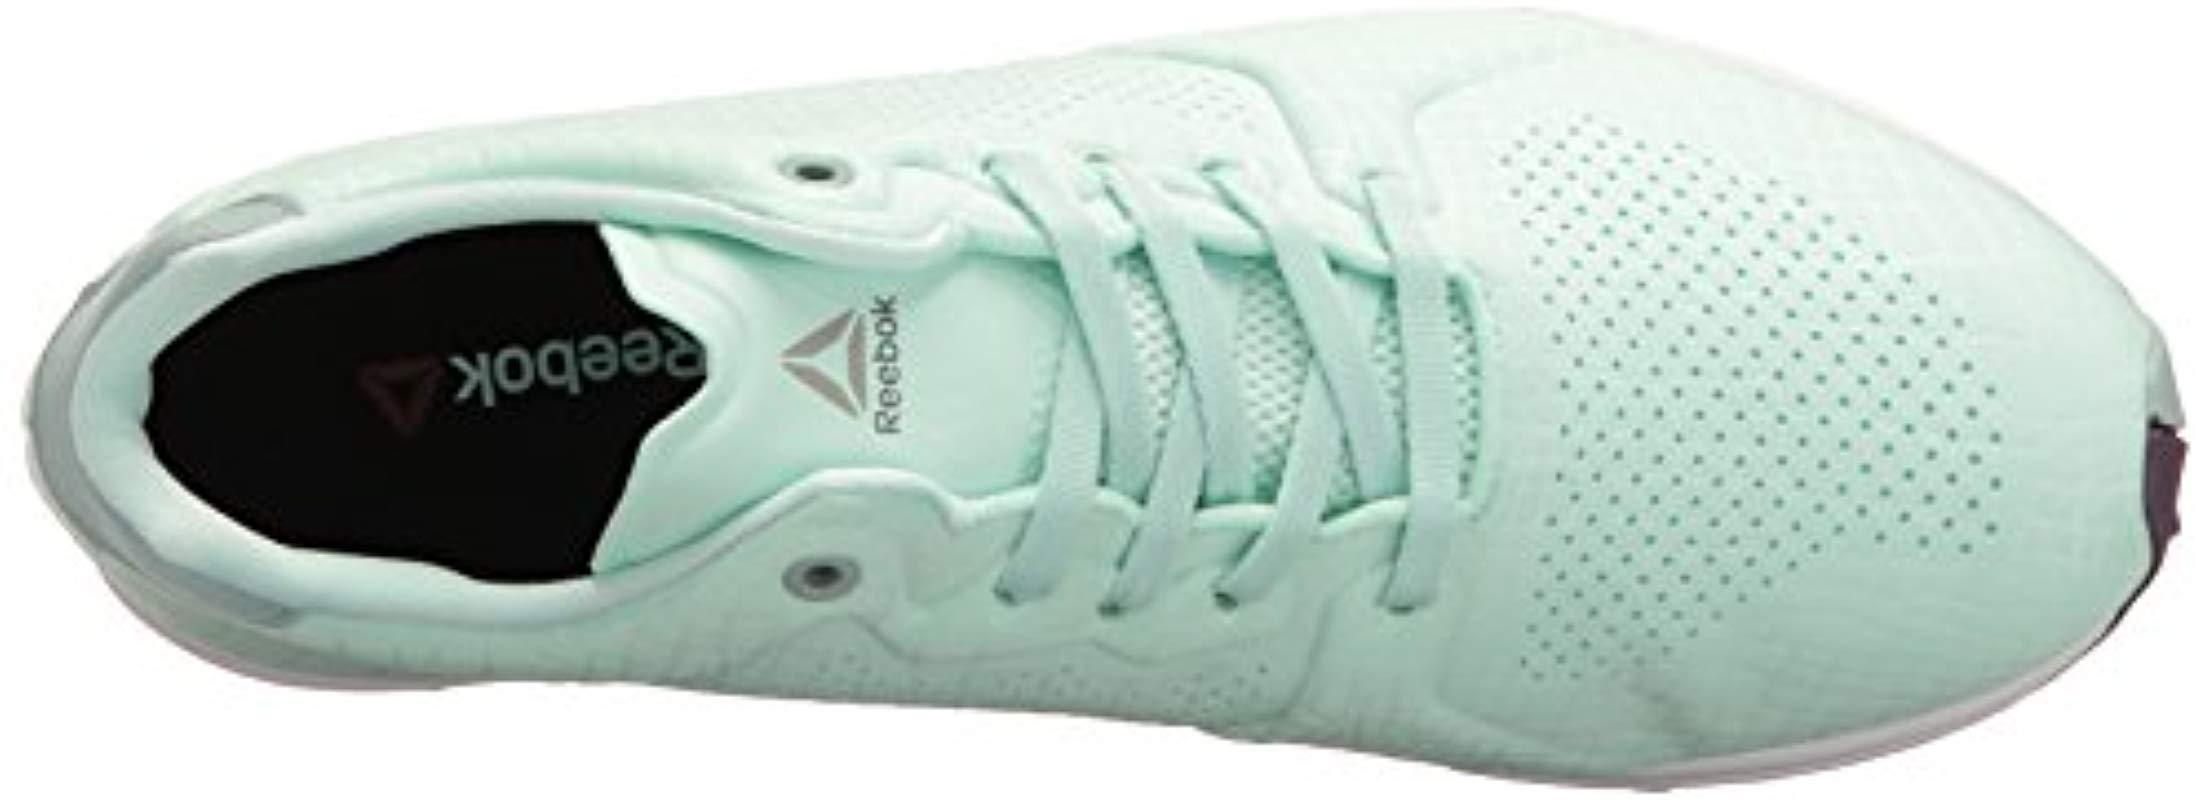 Reebok Rubber Eve Tr Cross-trainer Shoe